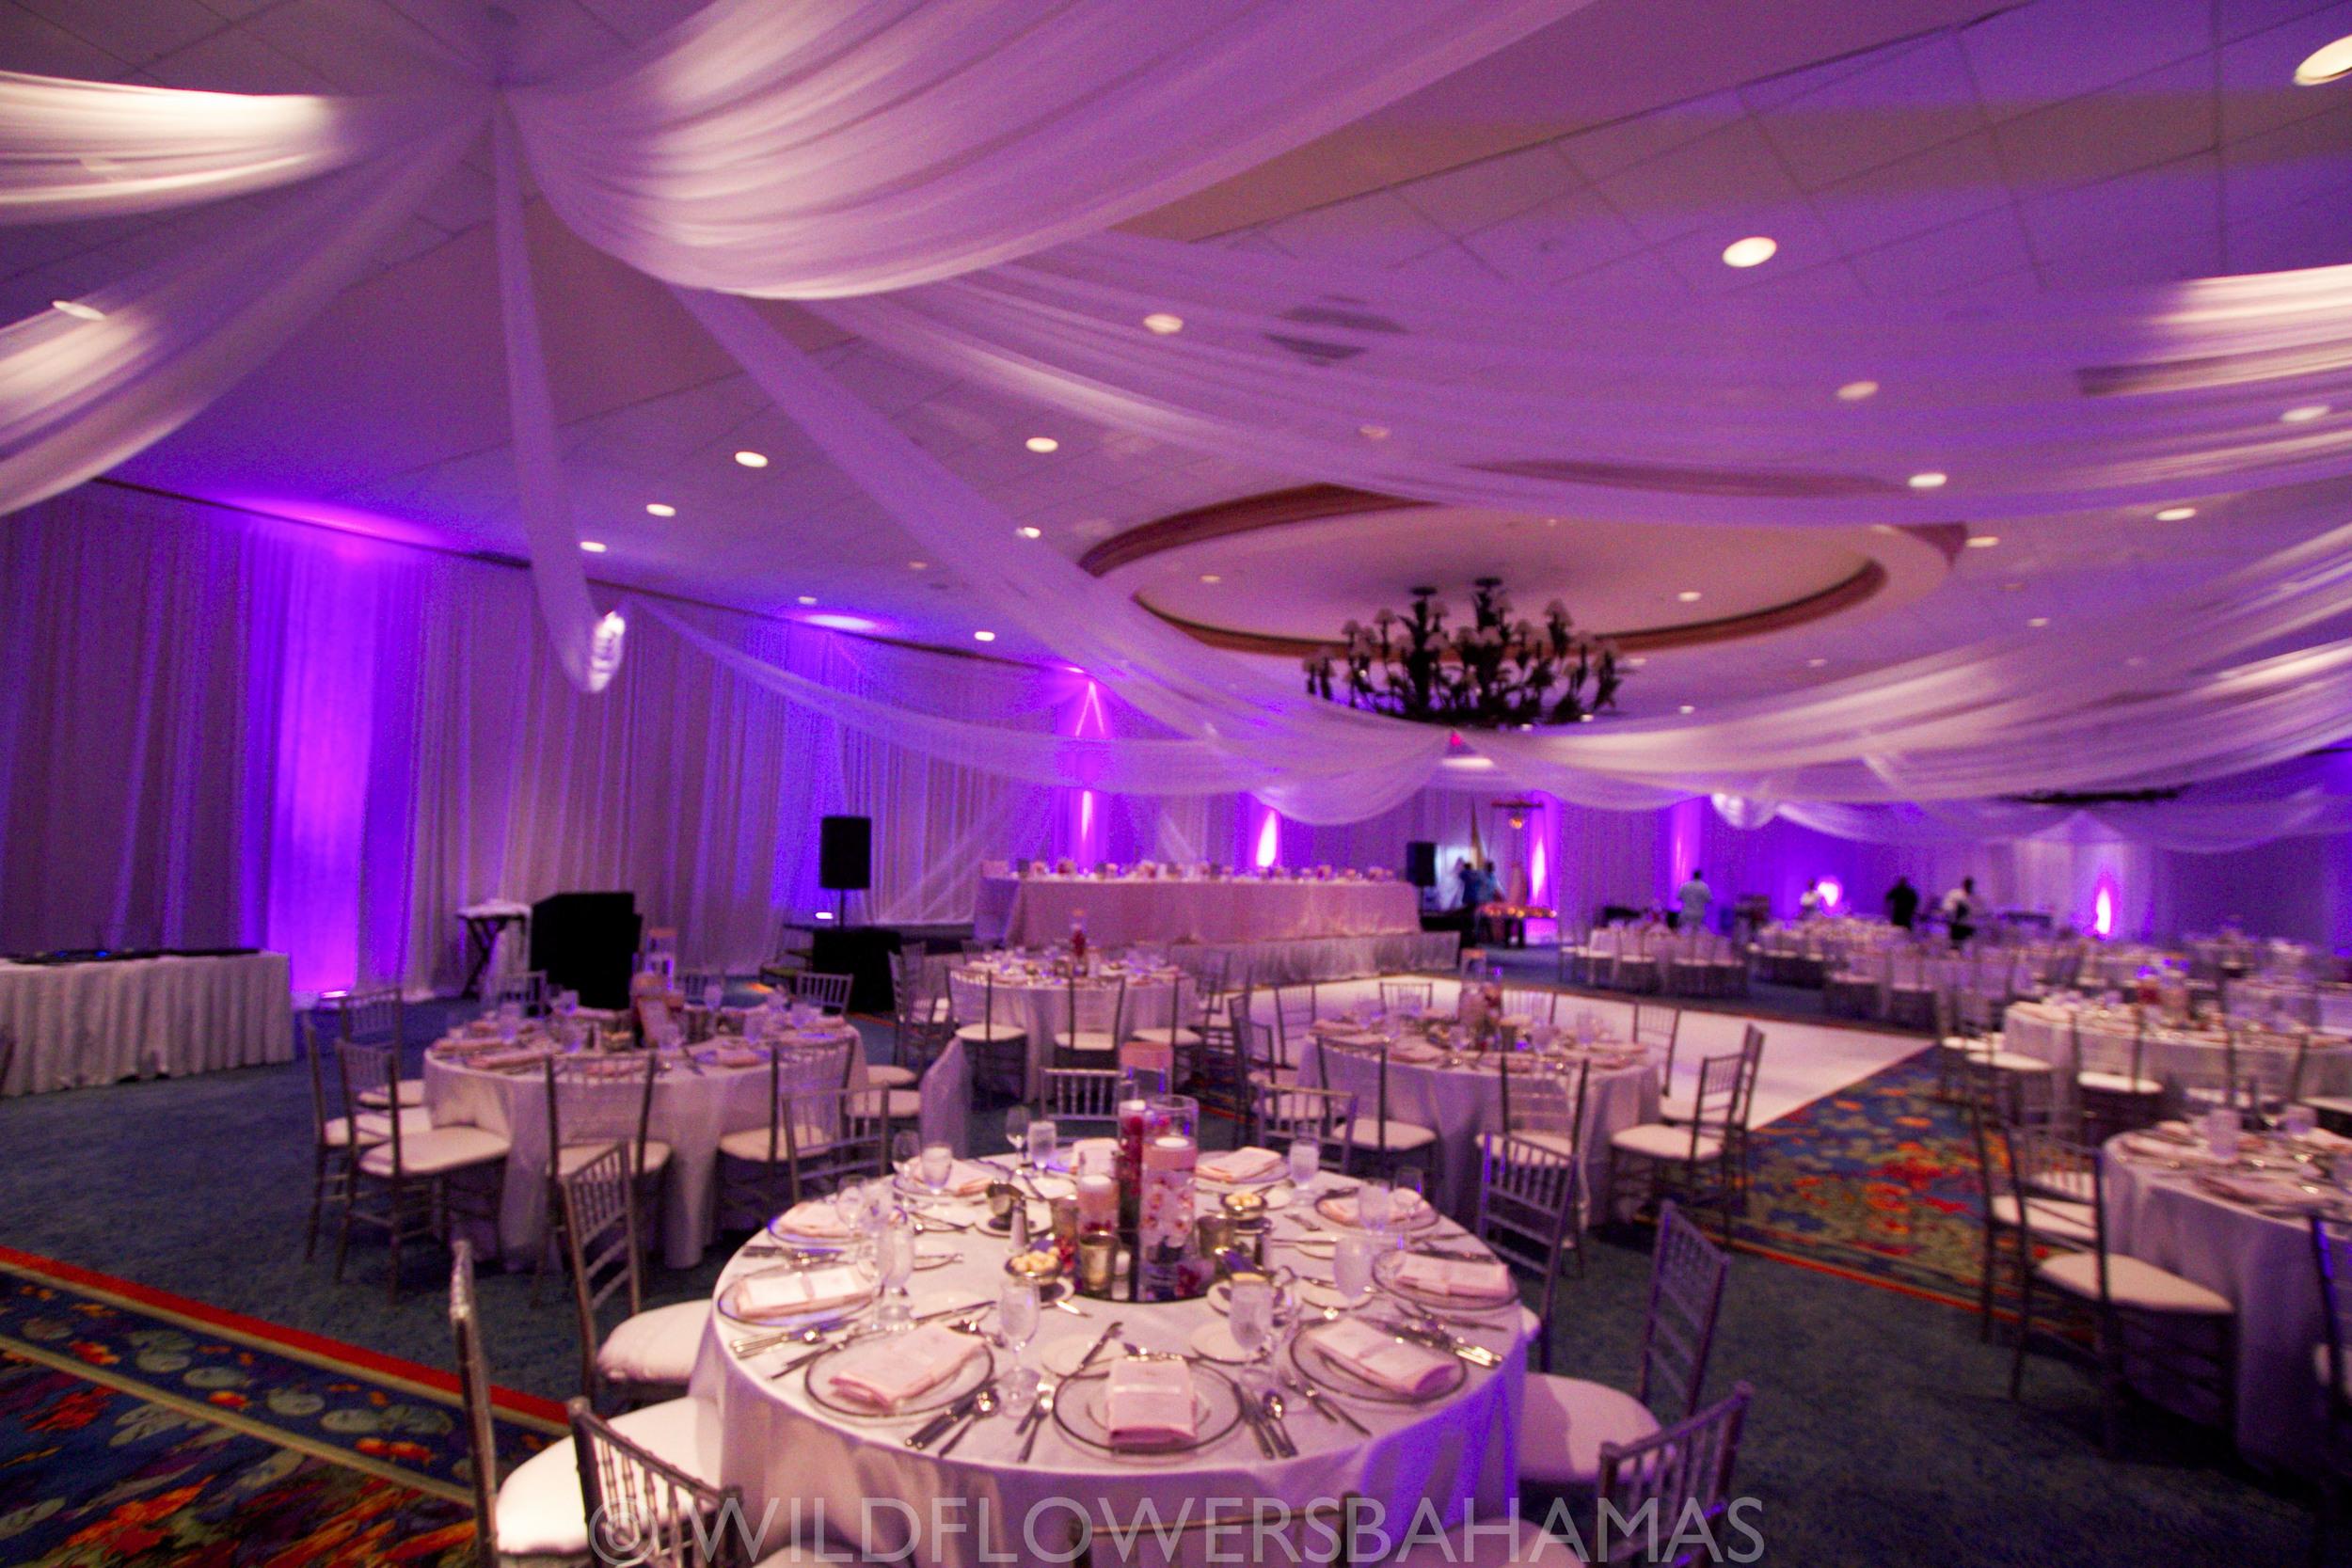 Wildflowers-Bahamas-Weddings-Events-001-32.jpg